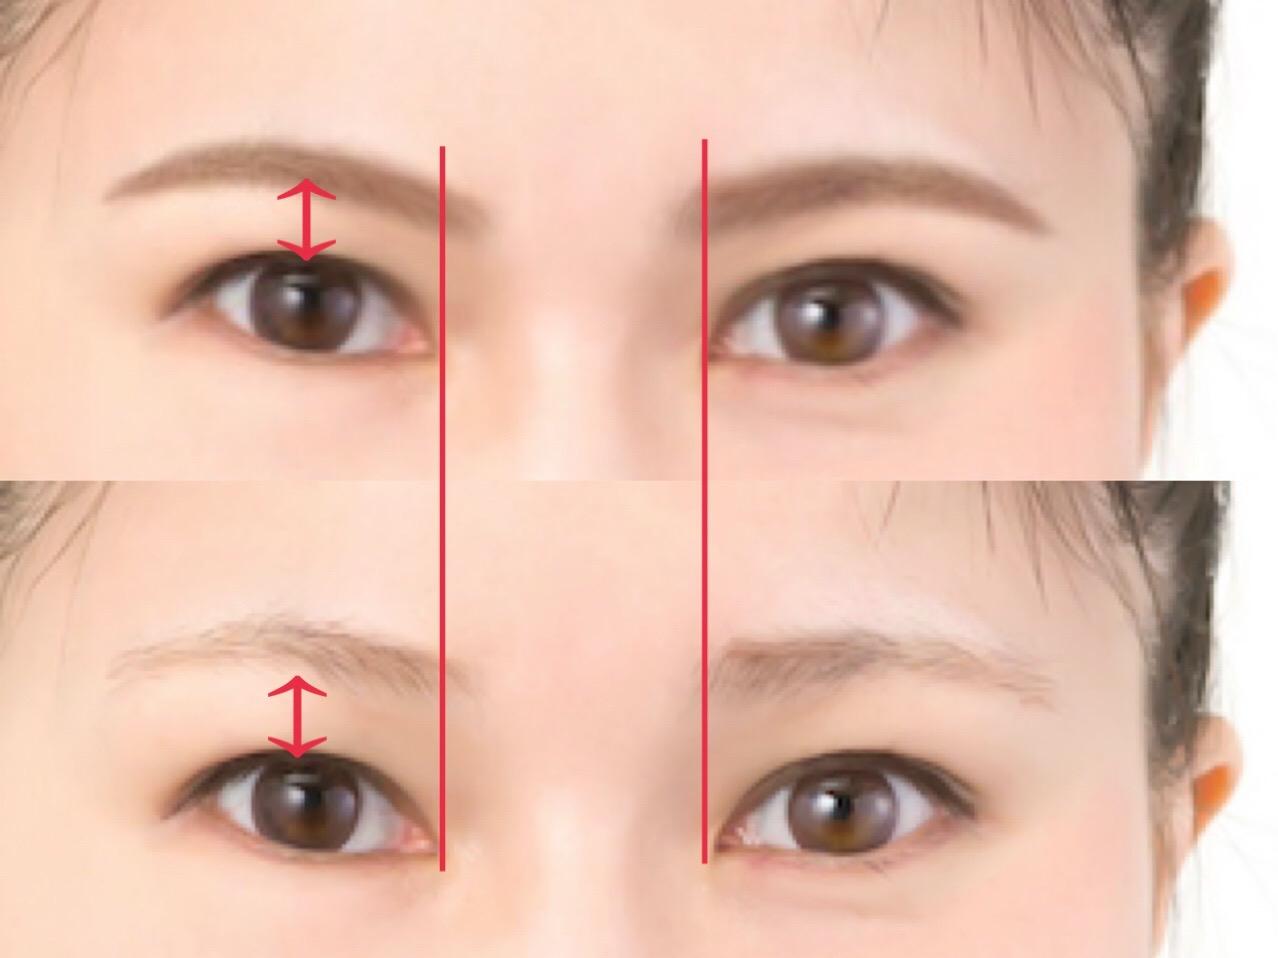 柴咲コウ風の眉毛の整え方!たった5分で目元はっきりのネコ顔美人になる方法